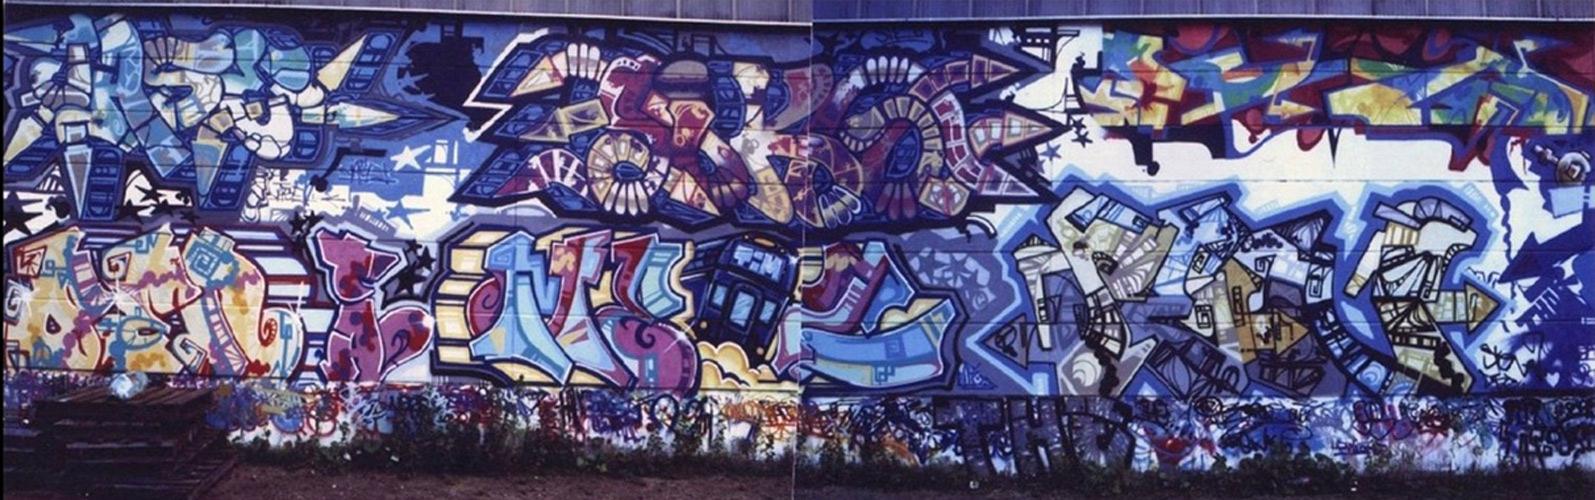 Siko Ortner  Graffitiknstler  Sprhlack auf Wand